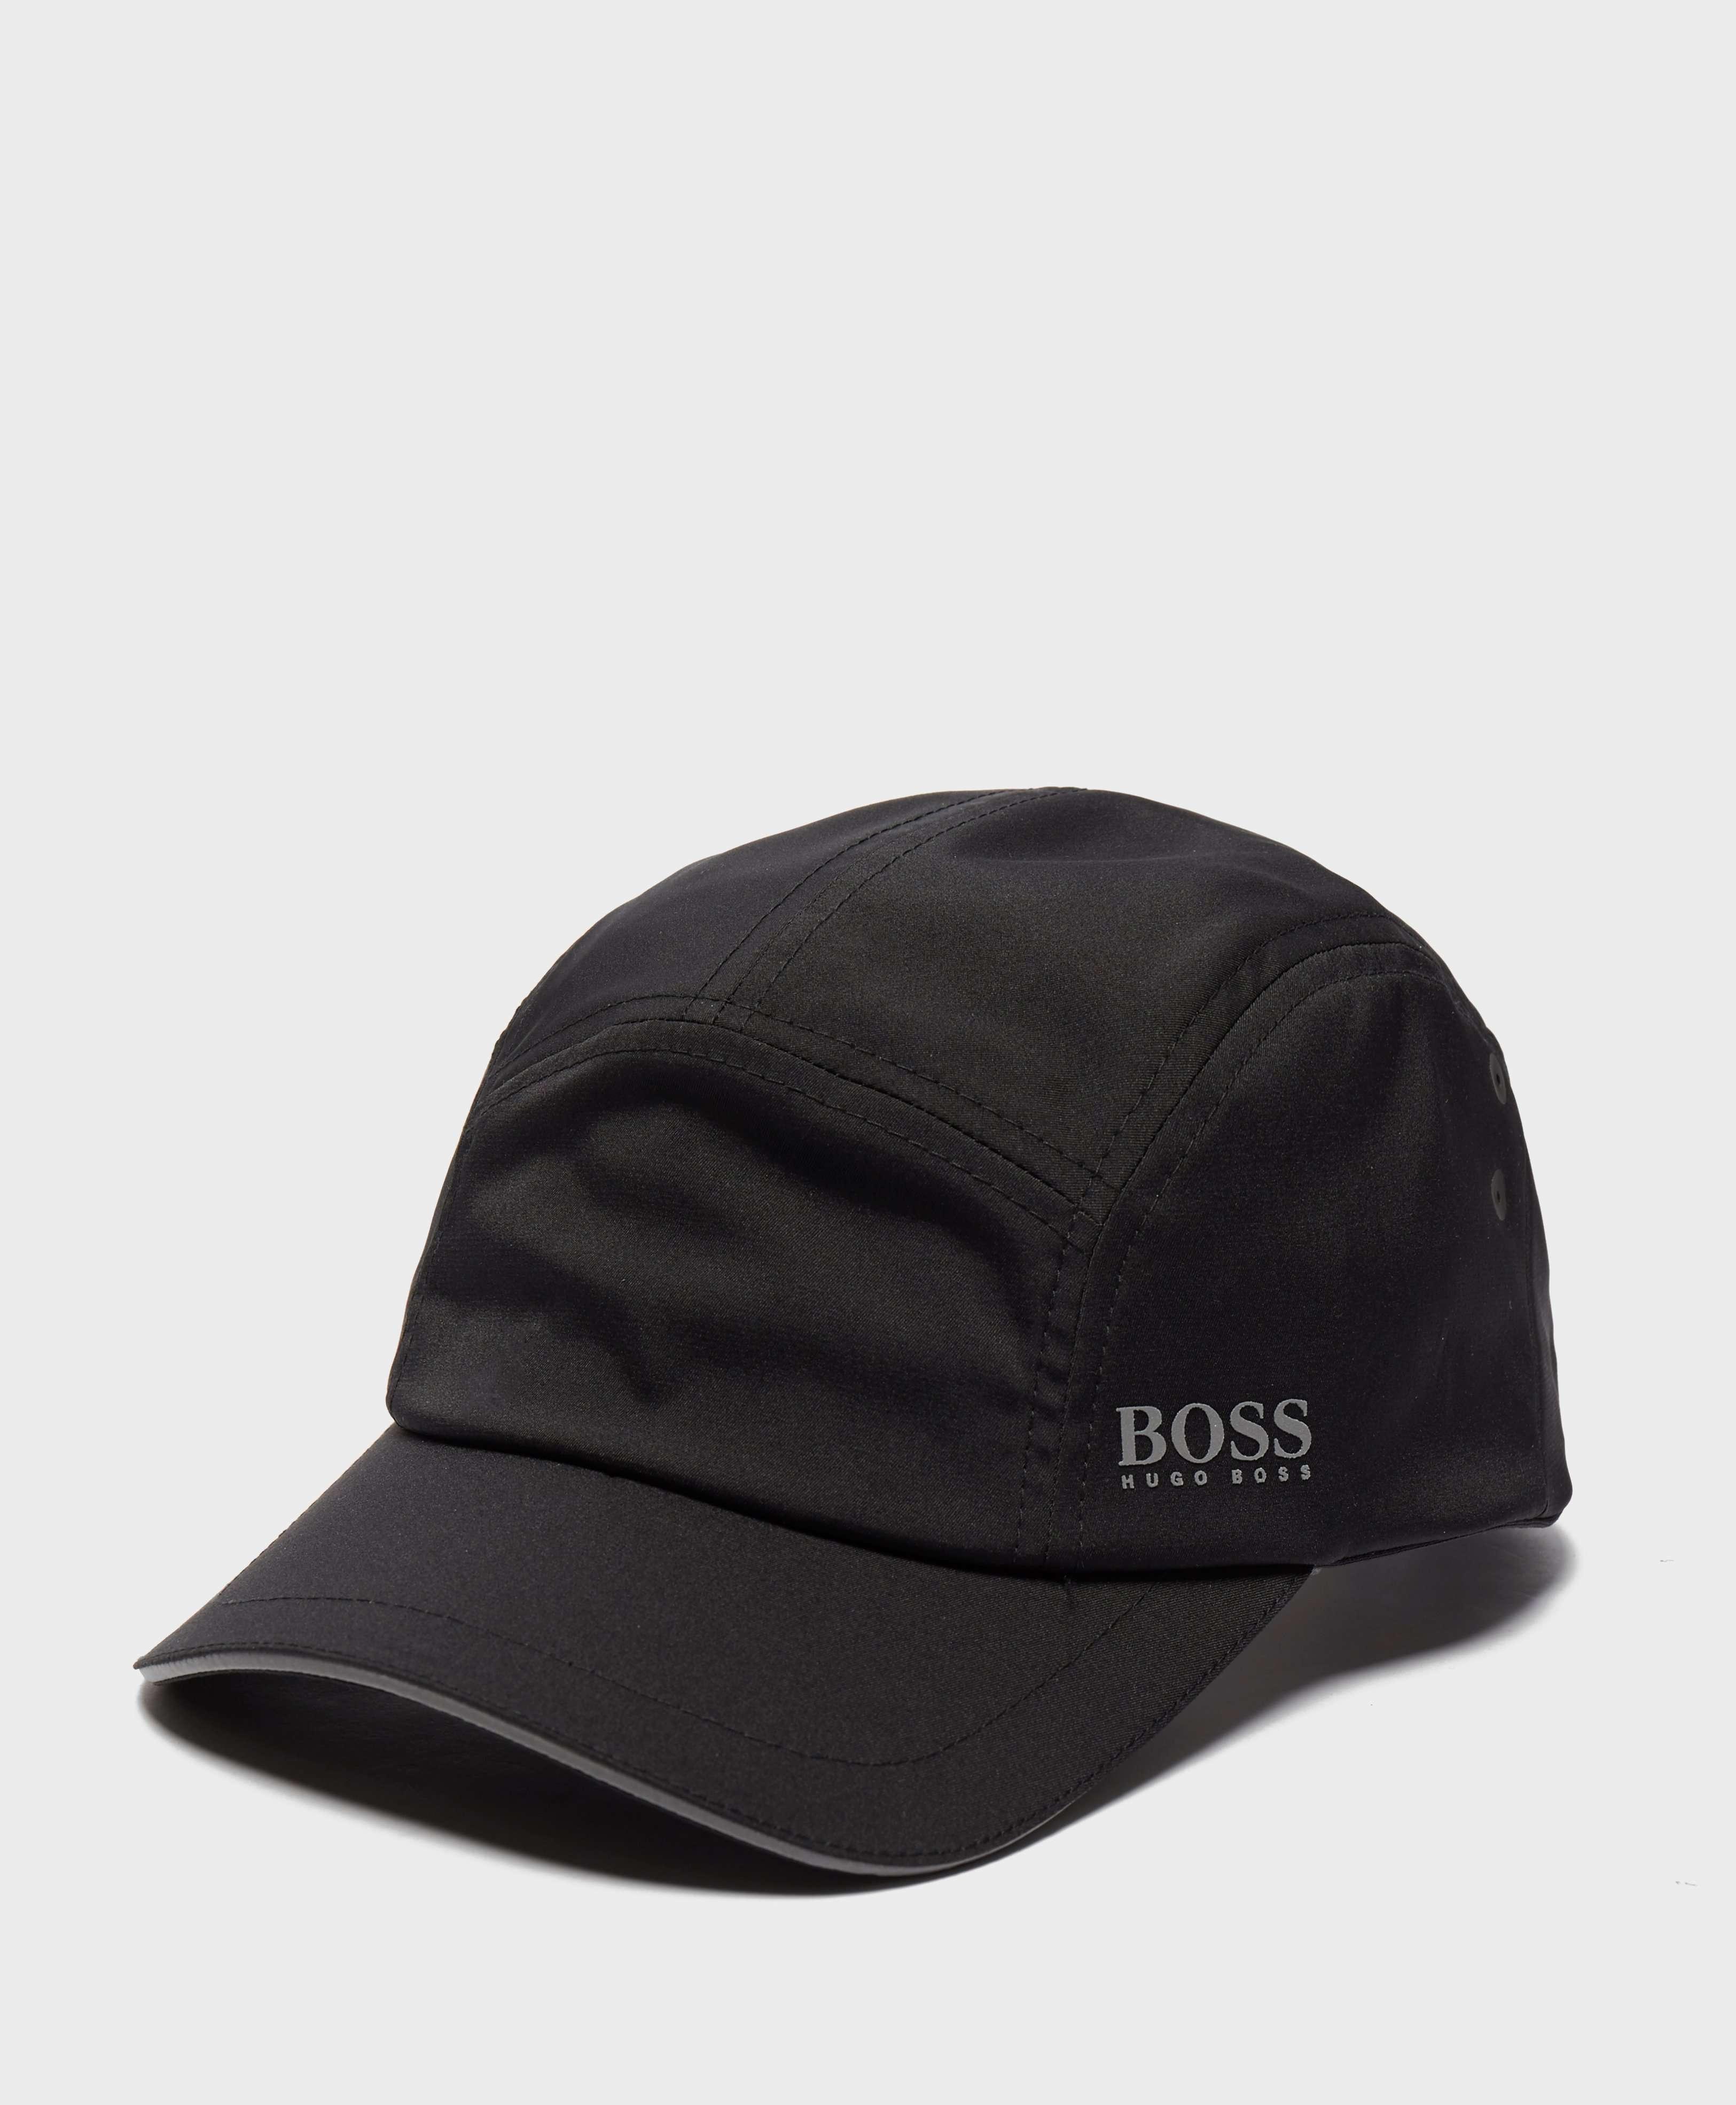 ddebede2d BOSS 5 Panel Cap | scotts Menswear